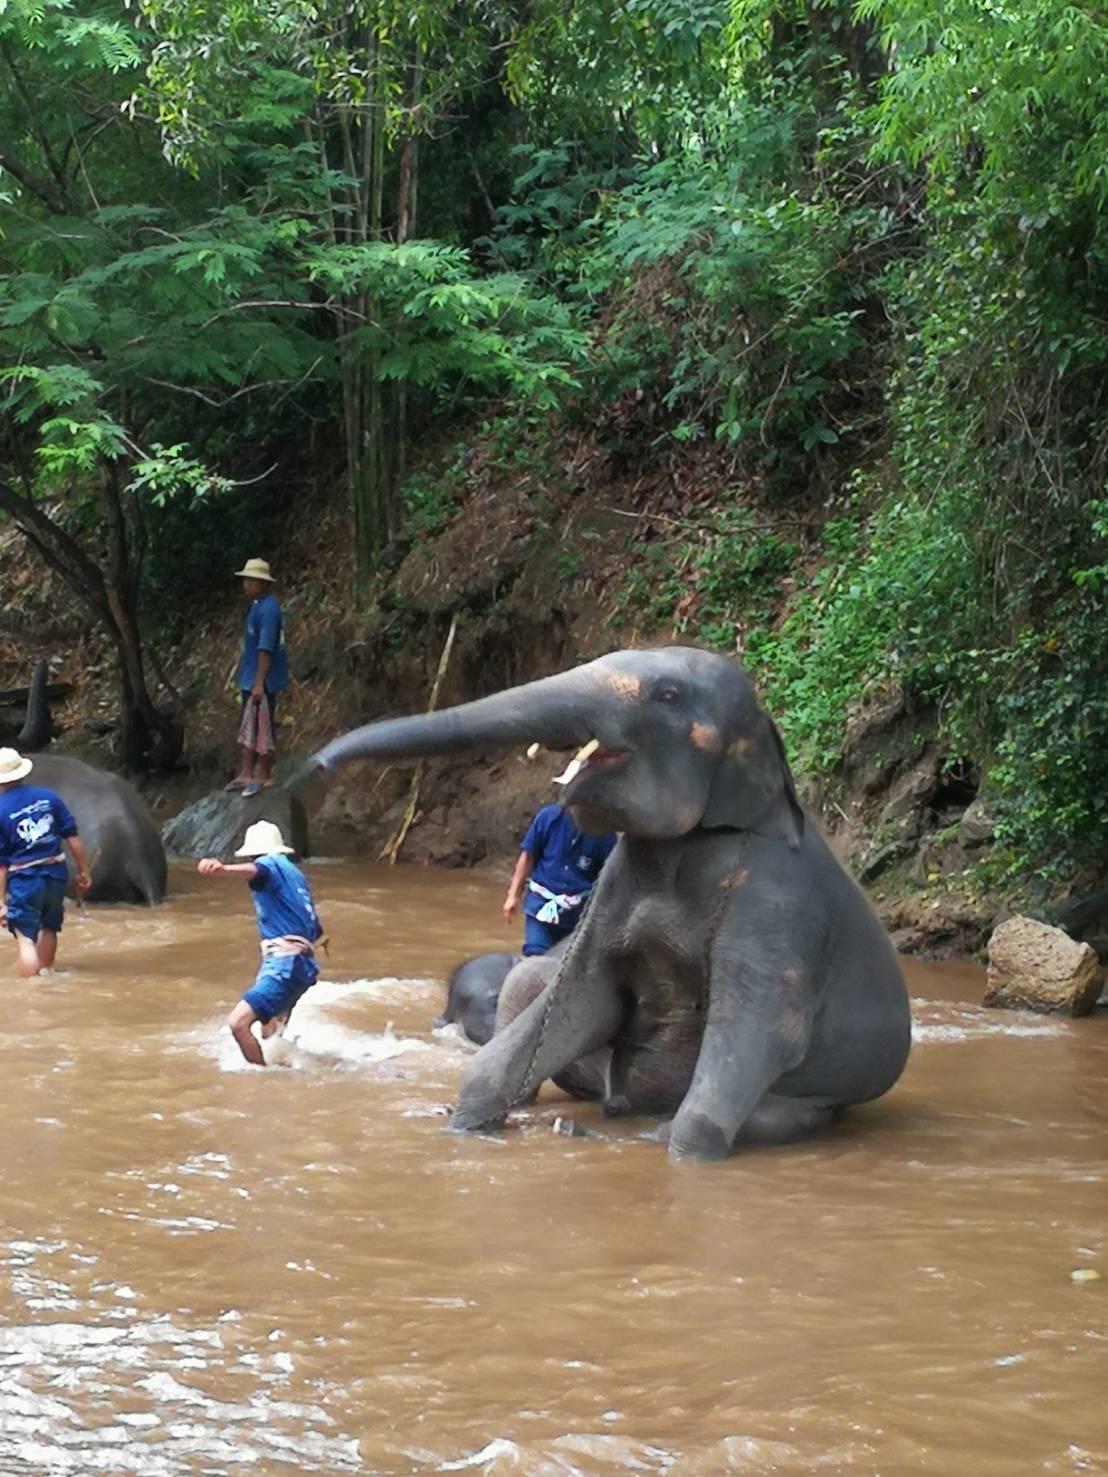 メーワンにあるエレファントファーム到着  象使い用のユニフォームに着替えて気分は象使い!? (川に入るので濡れてもいい下着あるいは水着を着用下さい)